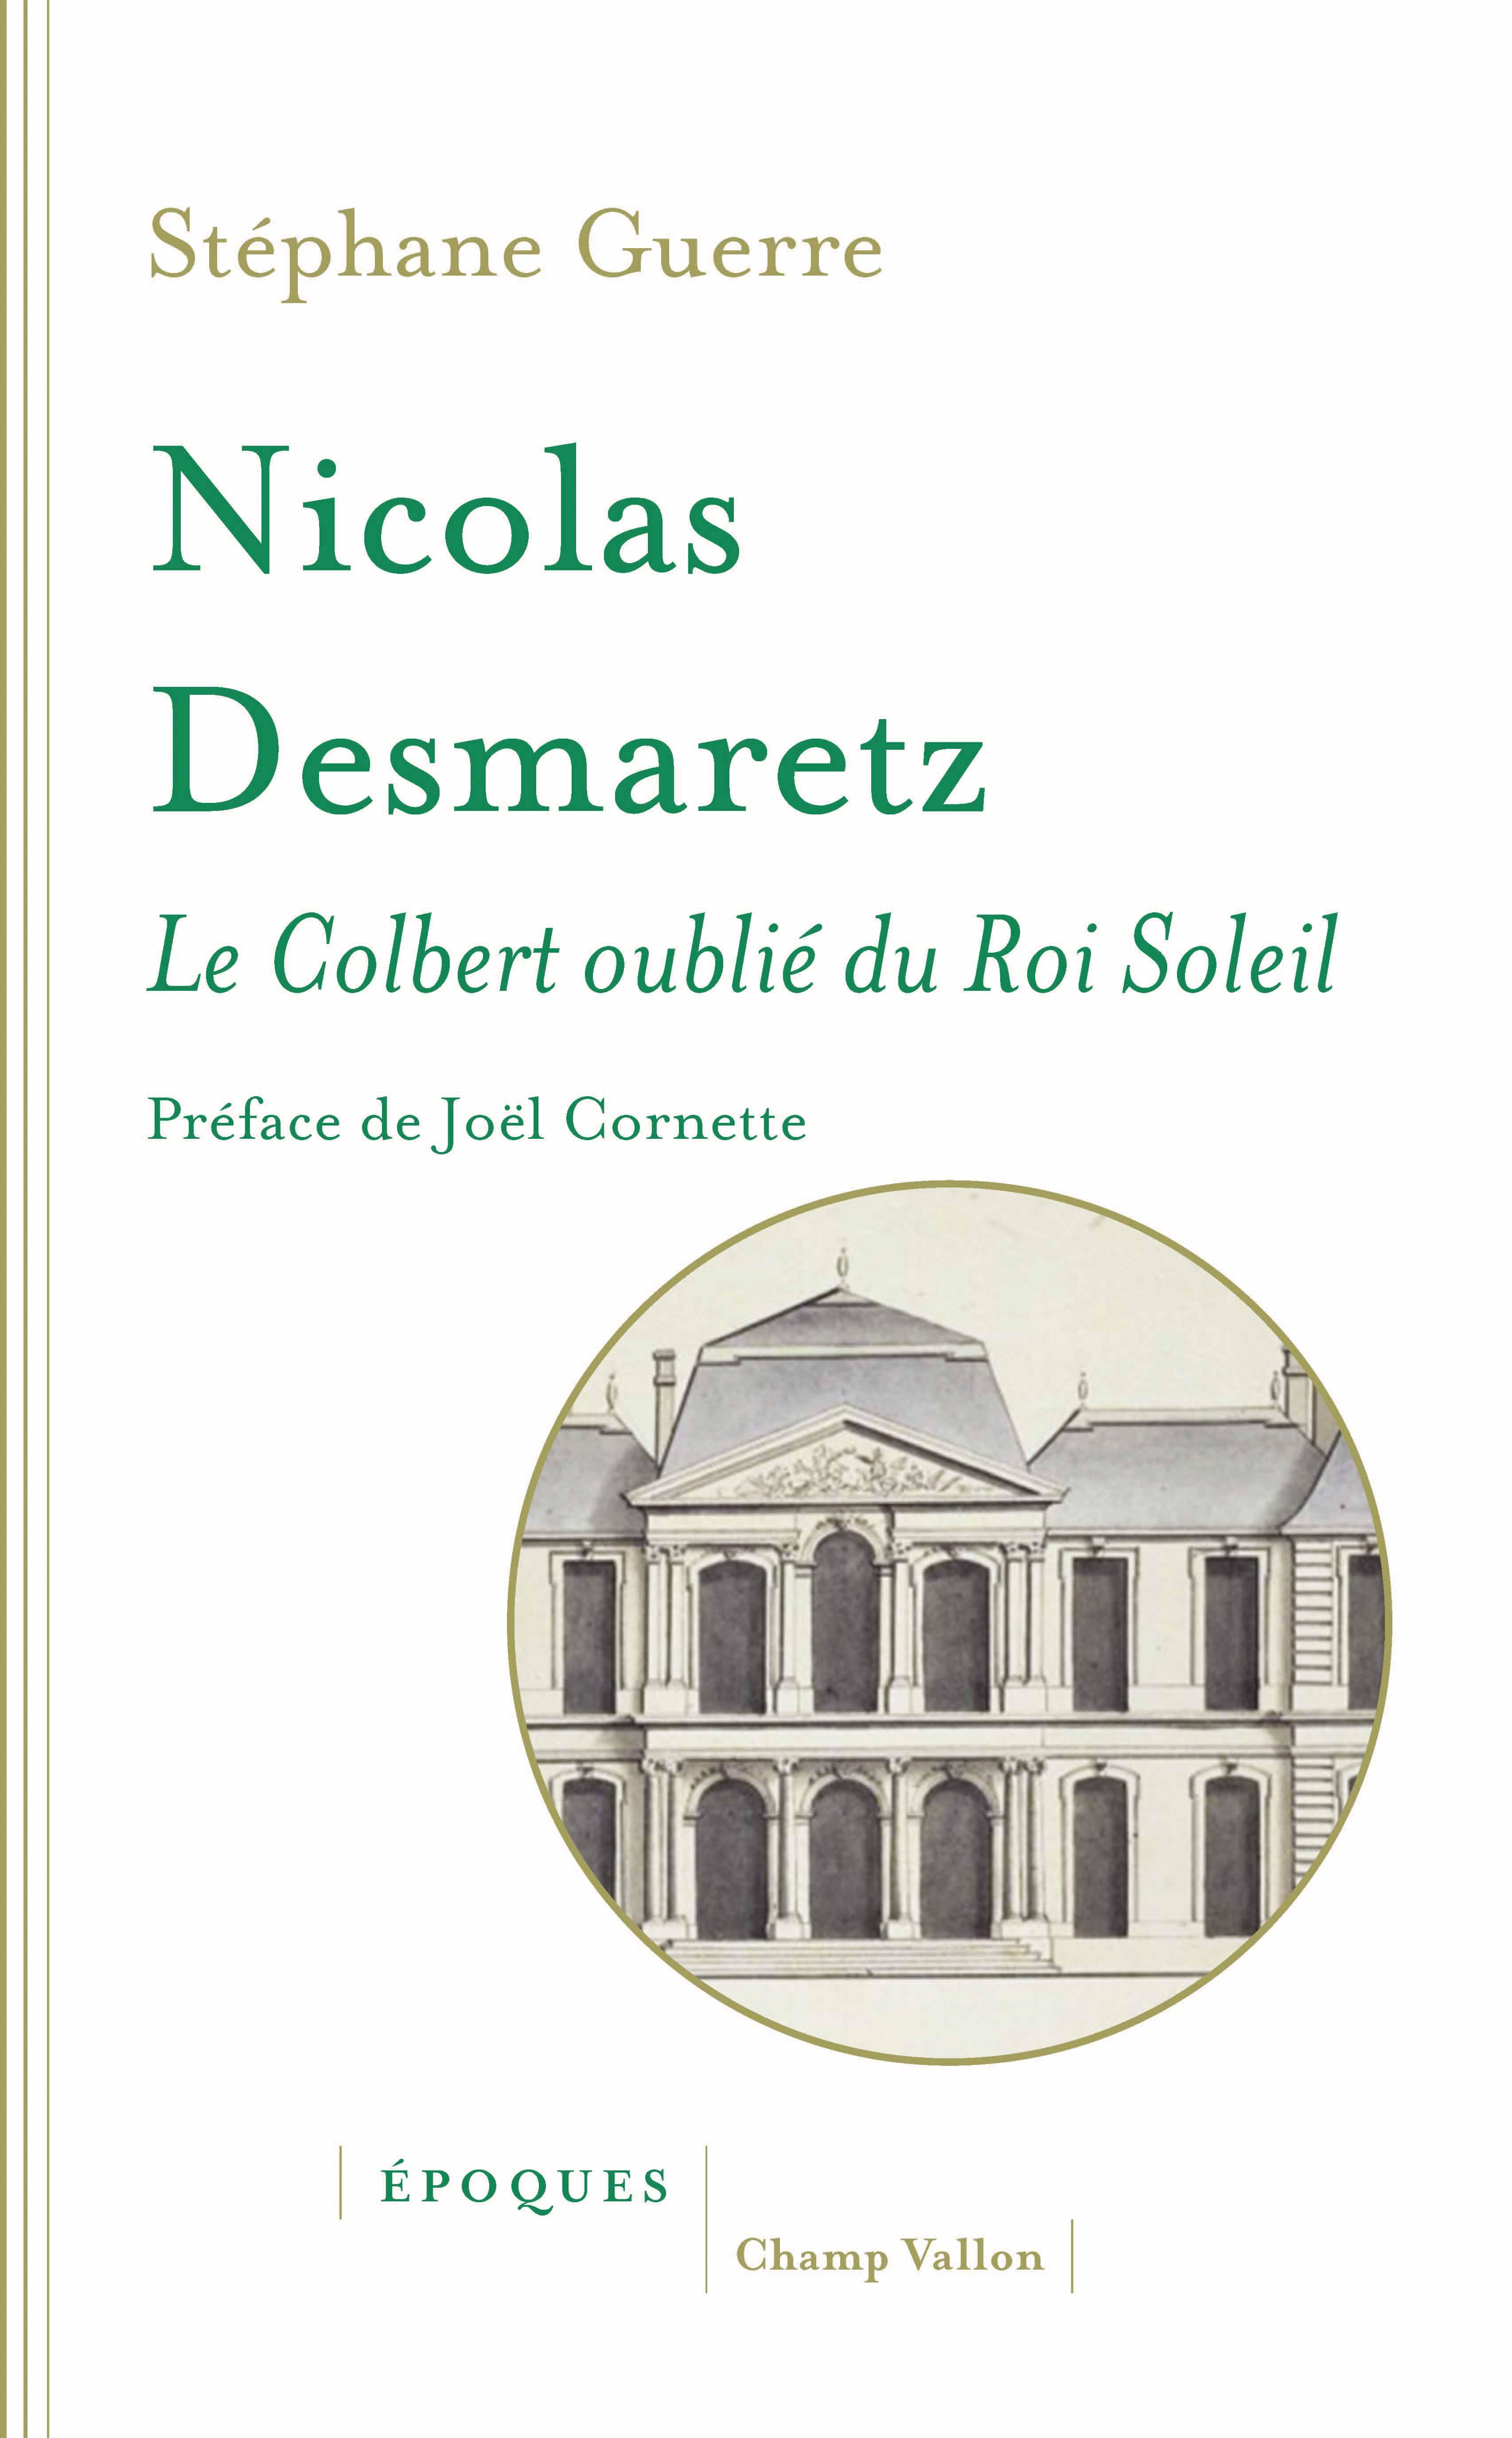 Nicolas Desmaretz (1648-1721), Le Colbert oublié du Roi Soleil